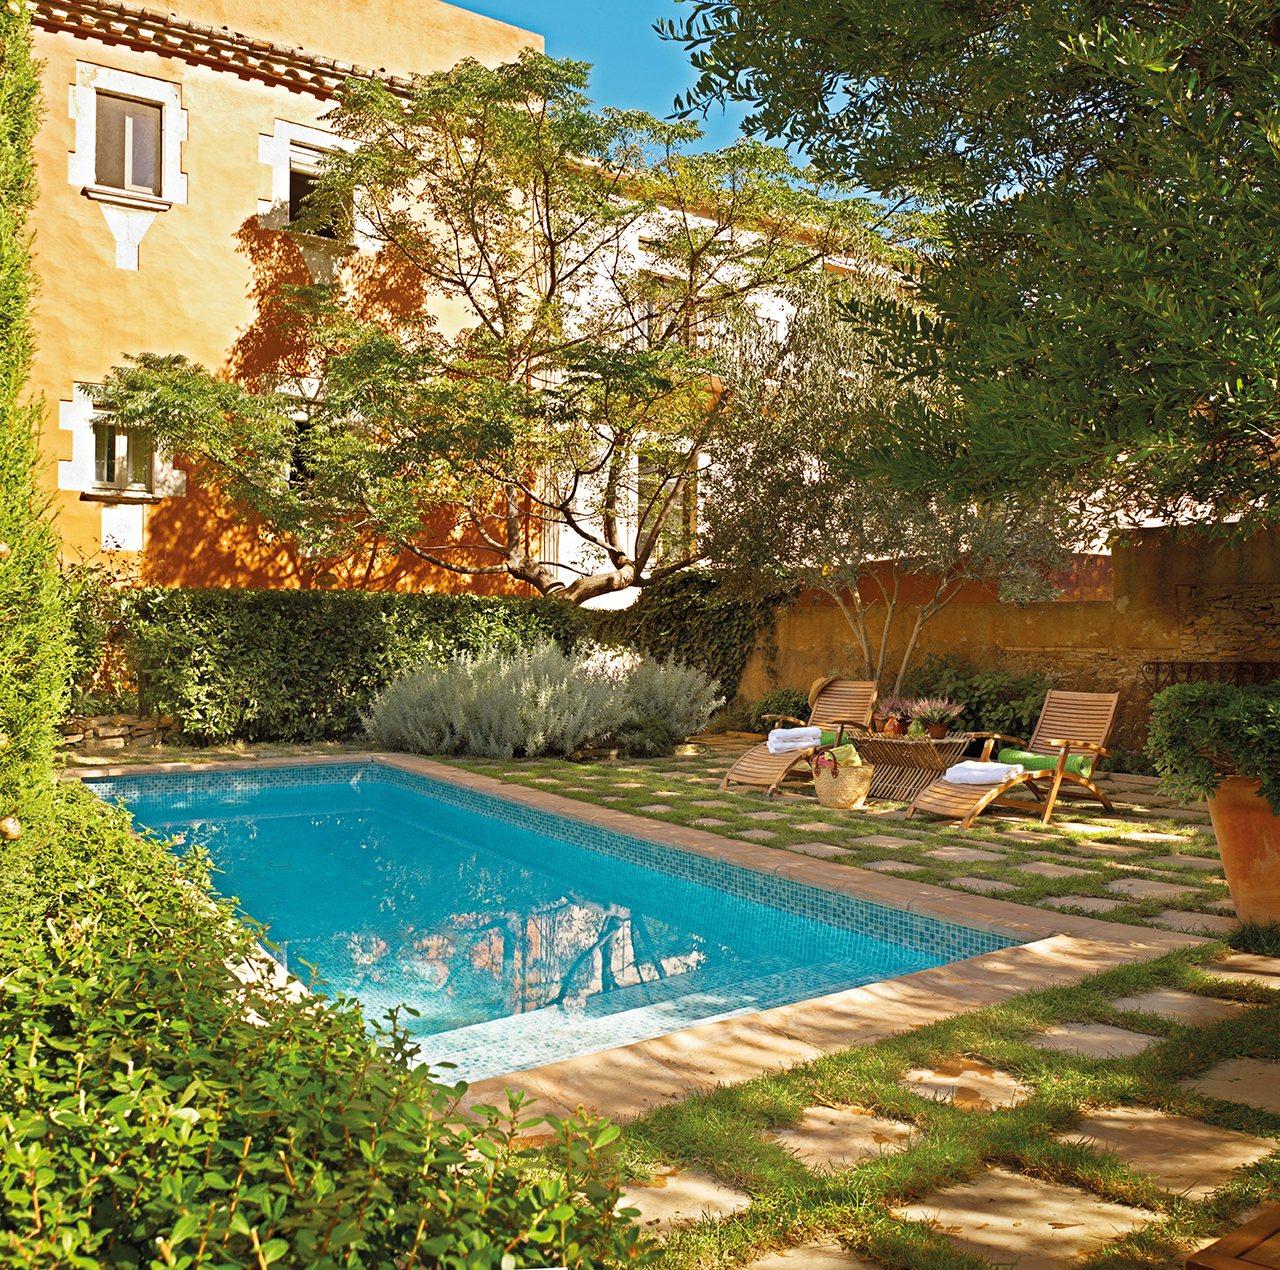 Las mejores piscinas para desconectar este verano for Piscinas rusticas fotos